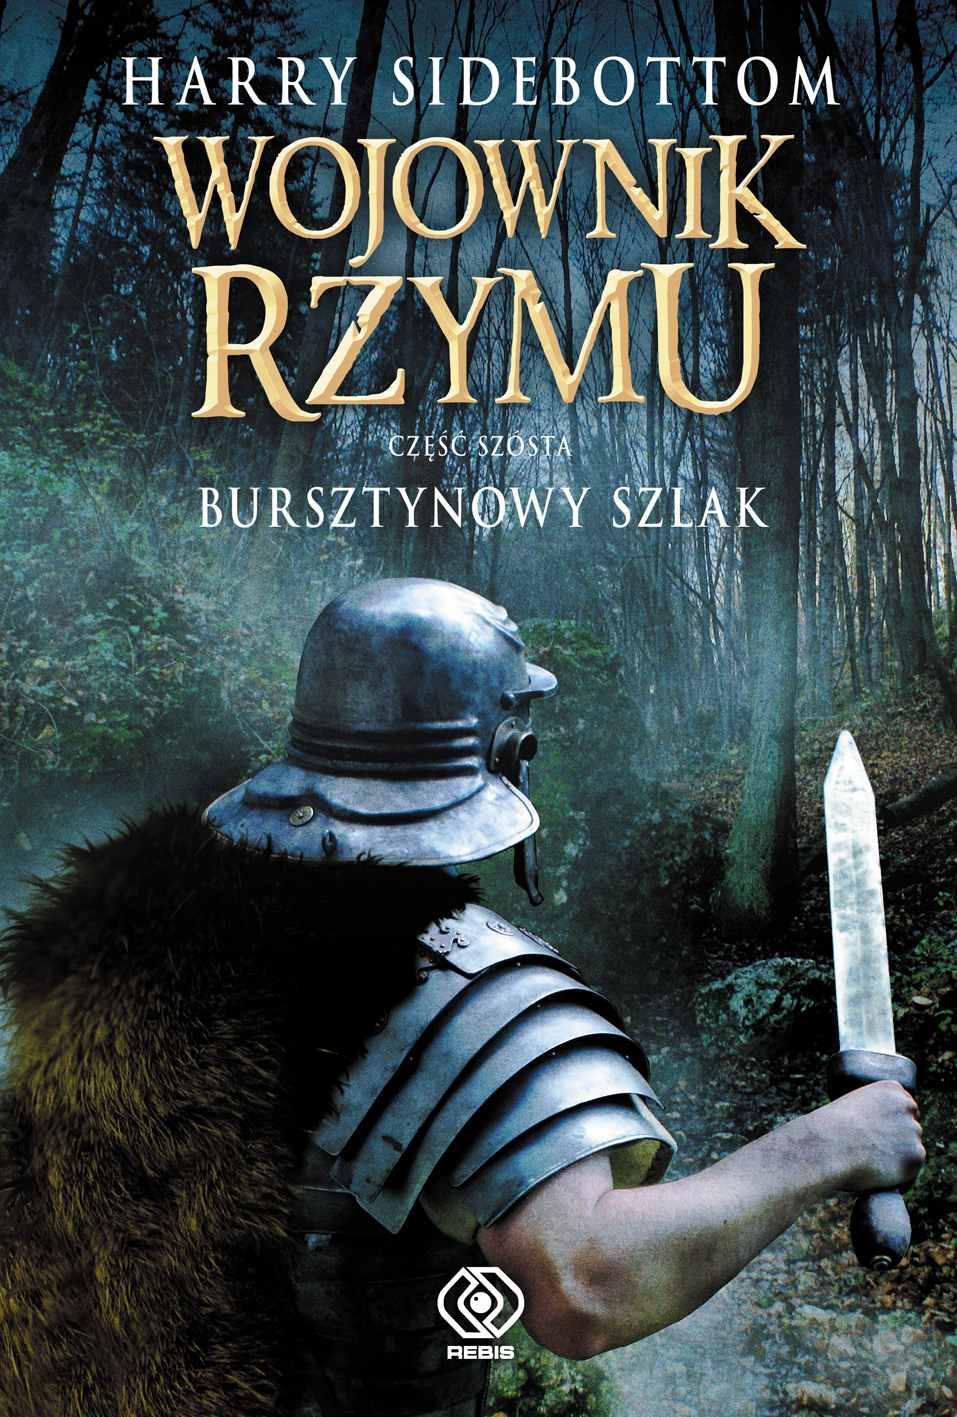 Wojownik Rzymu. Bursztynowy szlak - Ebook (Książka na Kindle) do pobrania w formacie MOBI